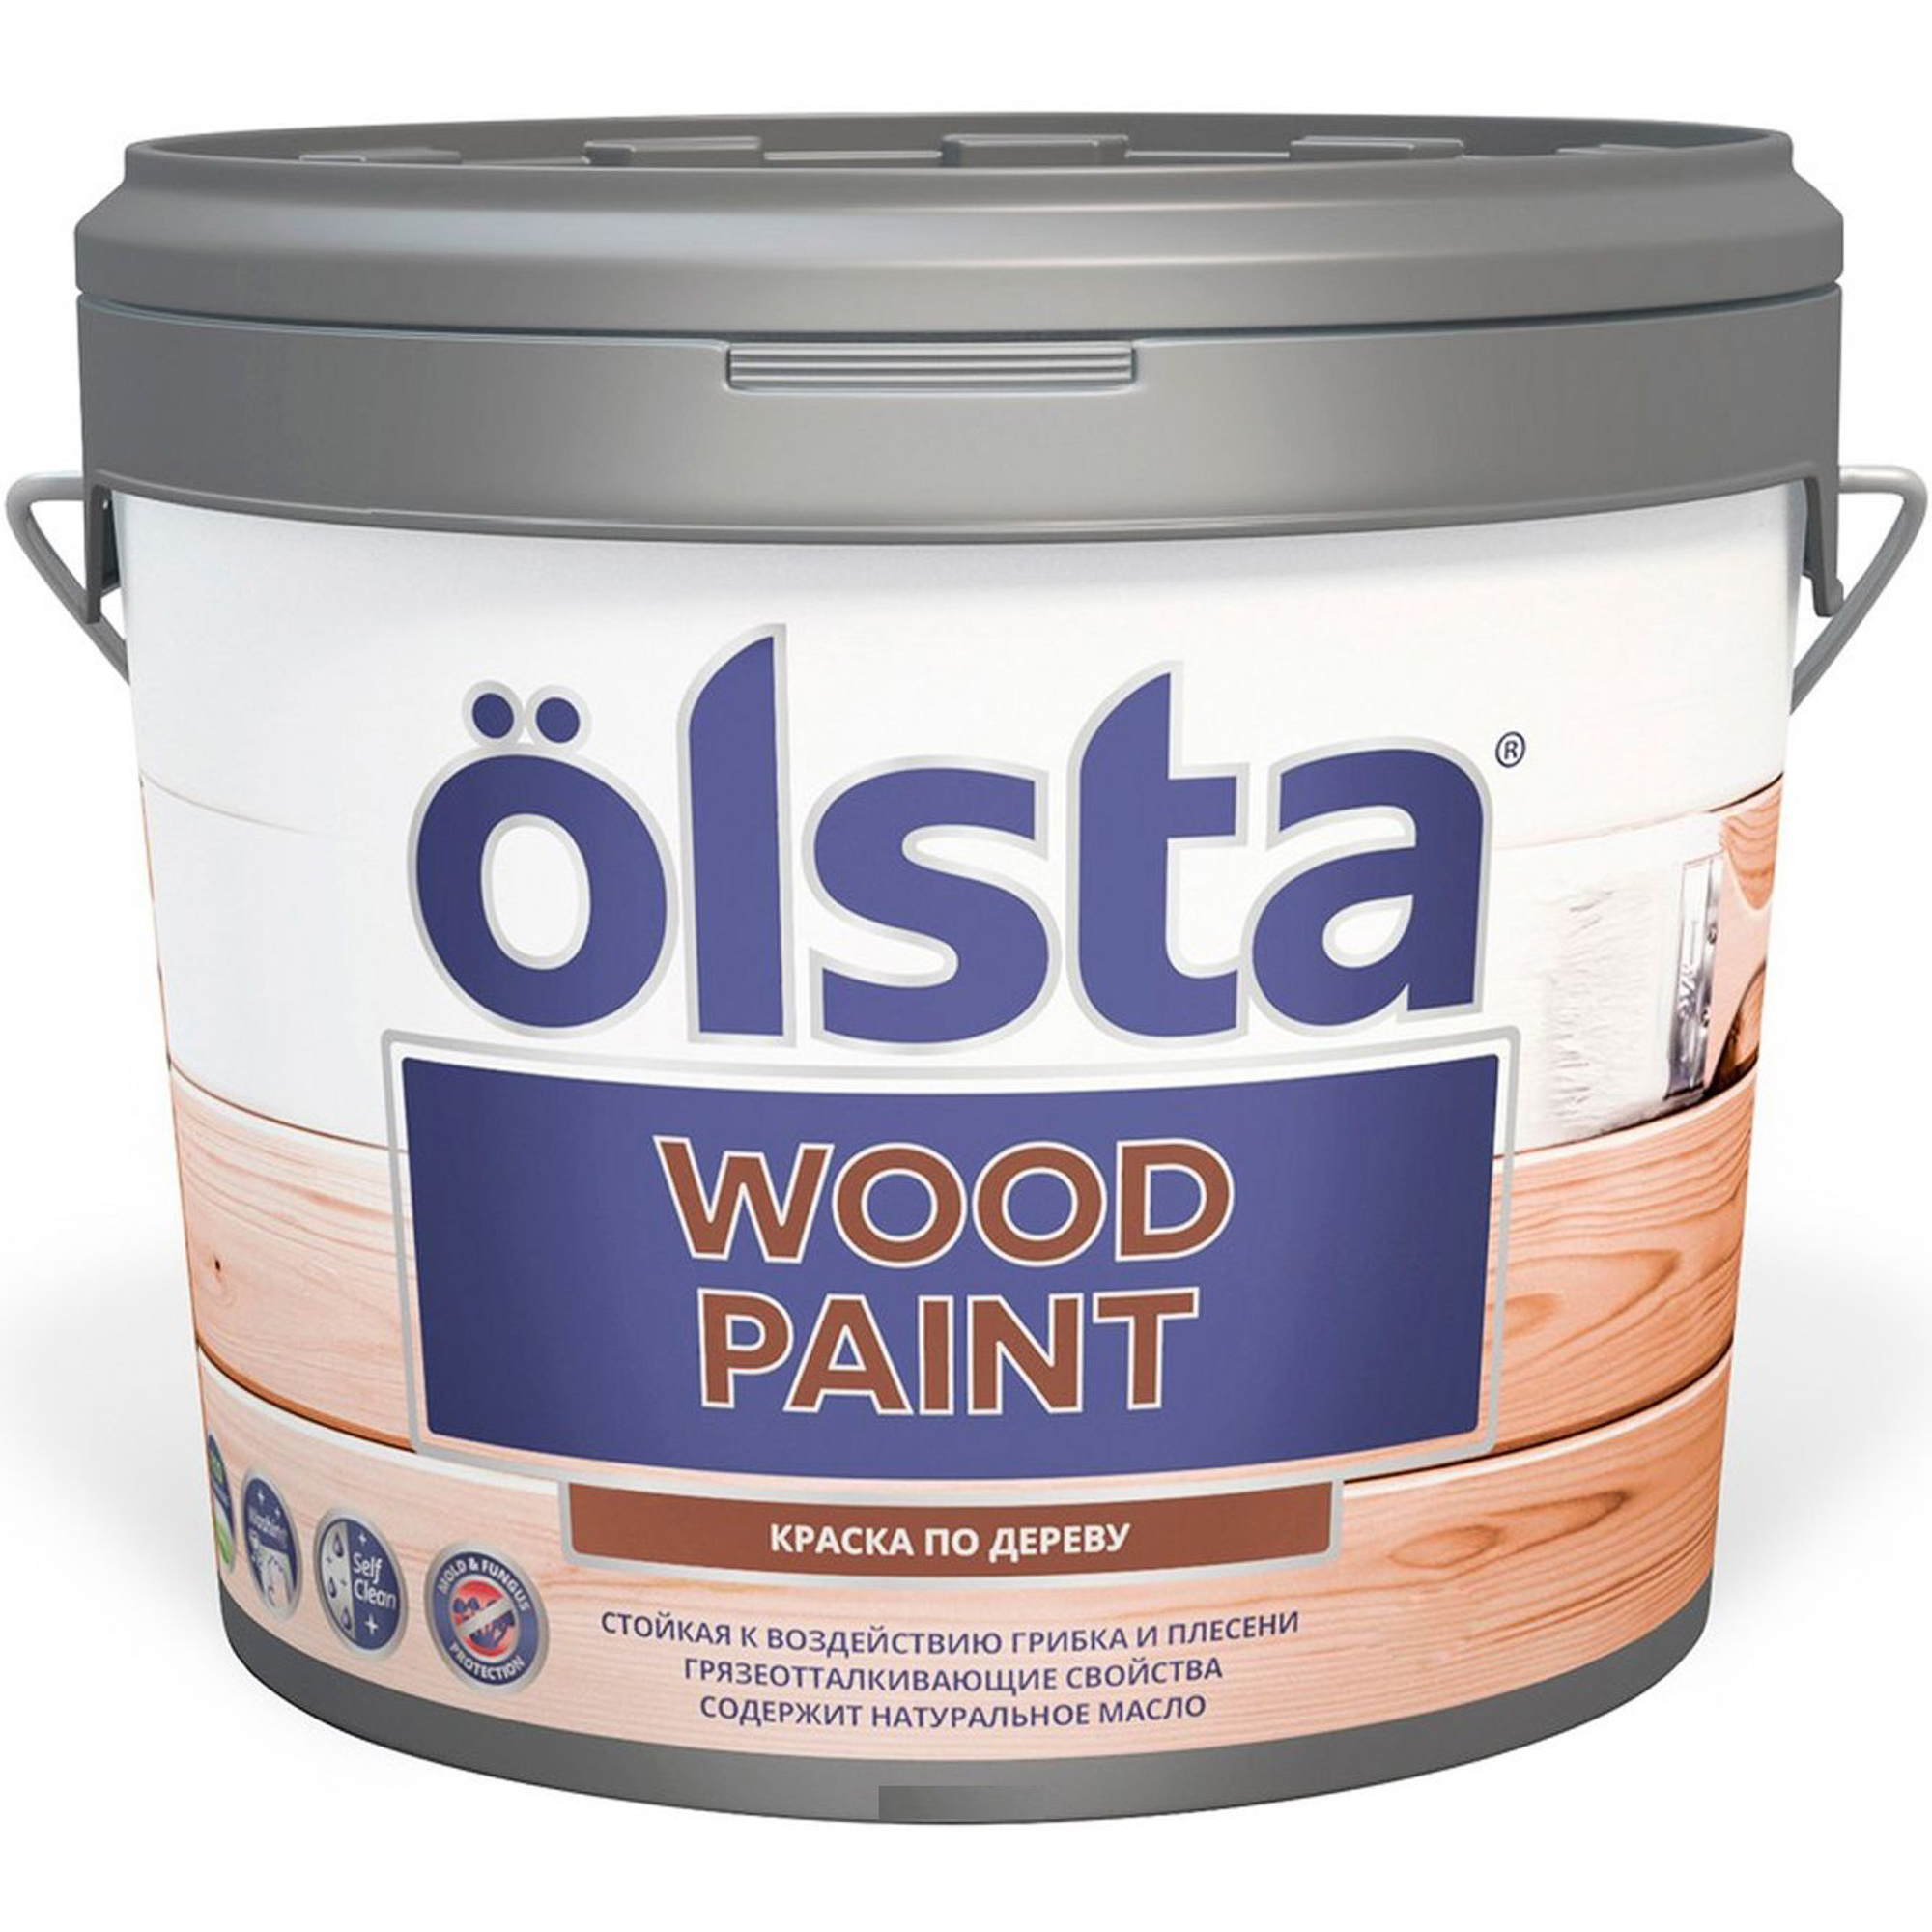 Краска Olsta wood paint для дерева a 9.0 л фото